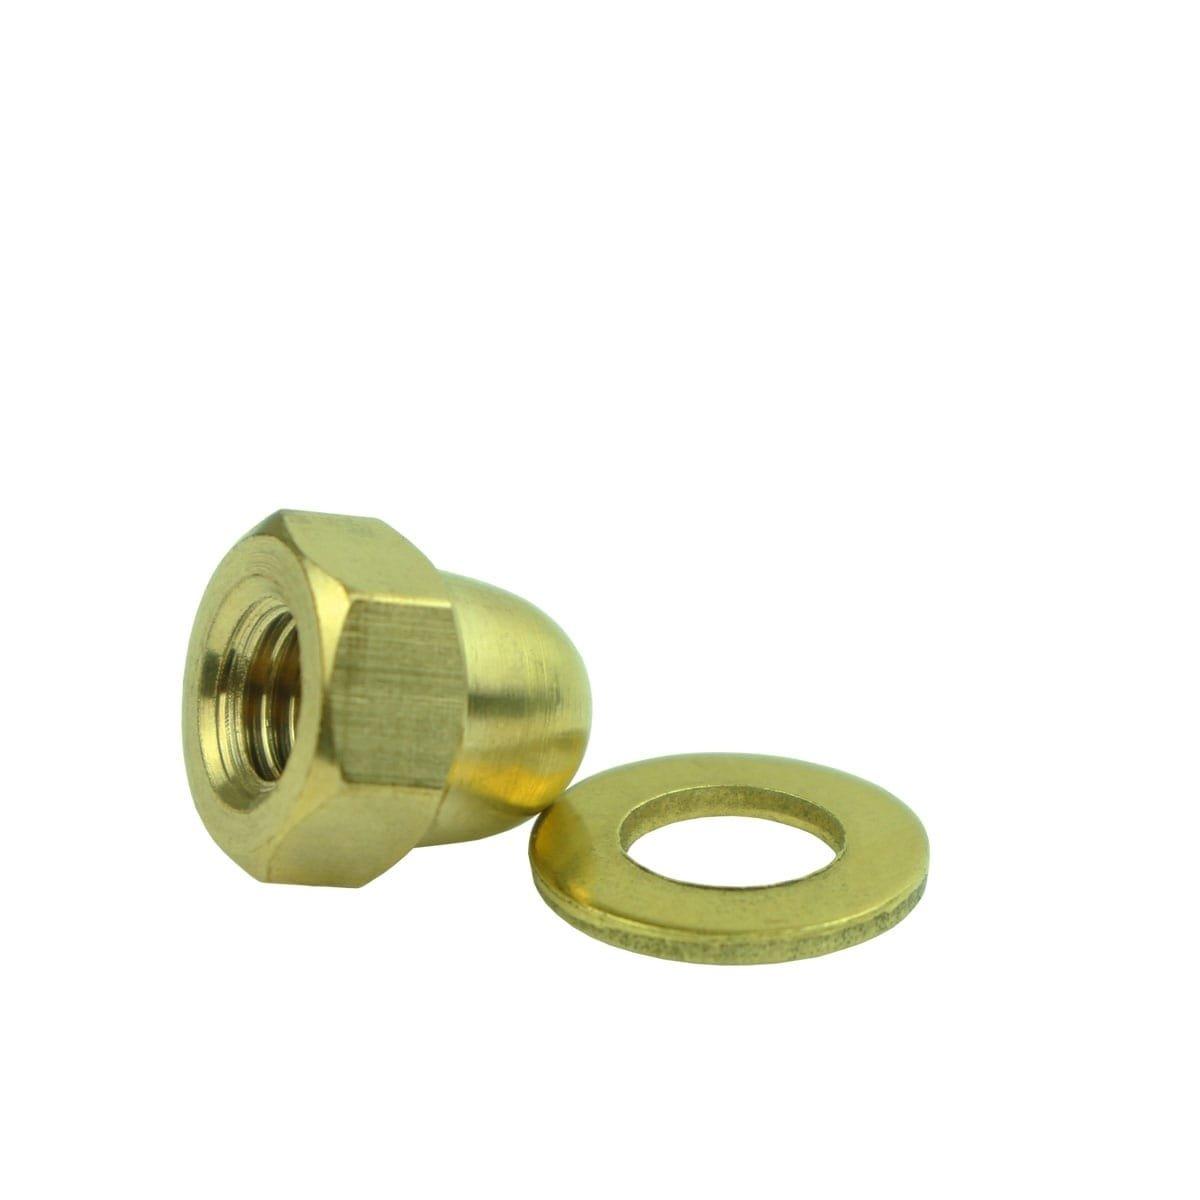 Außenbeleuchtung Befestigungsmaterial Hutmuttern mit ring M6 messing - 10-stücke